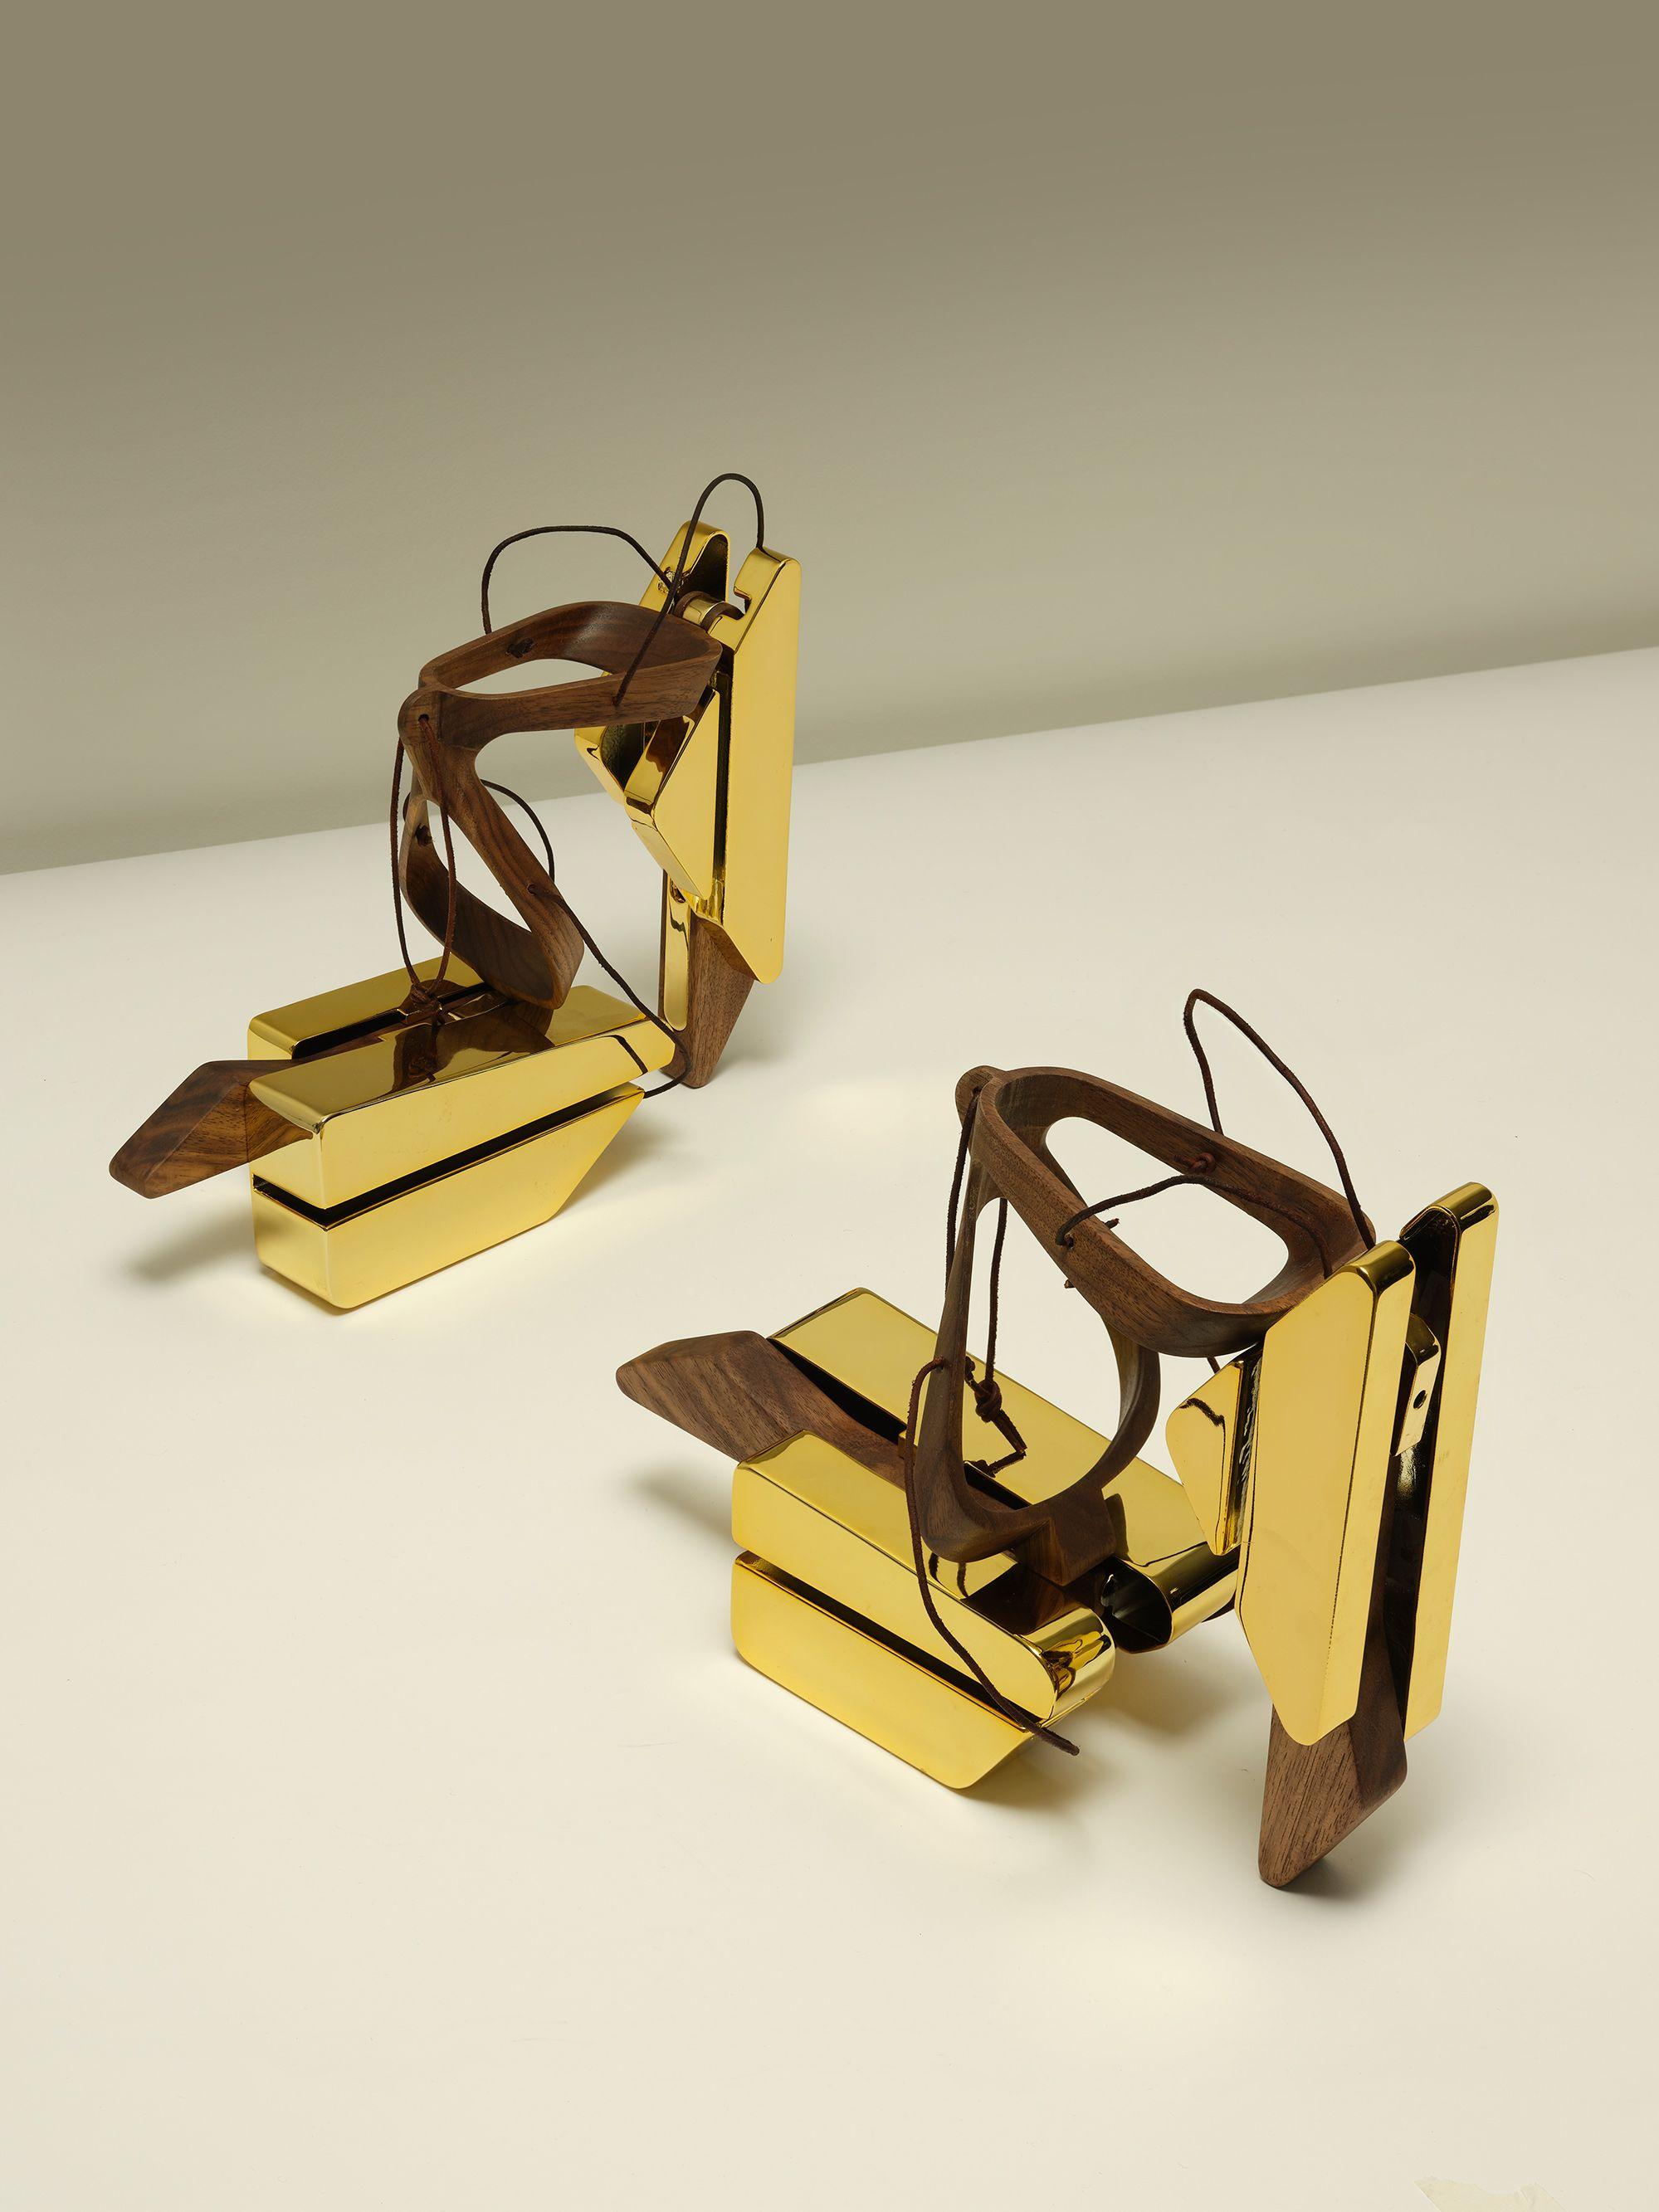 Golden high heeled shoes